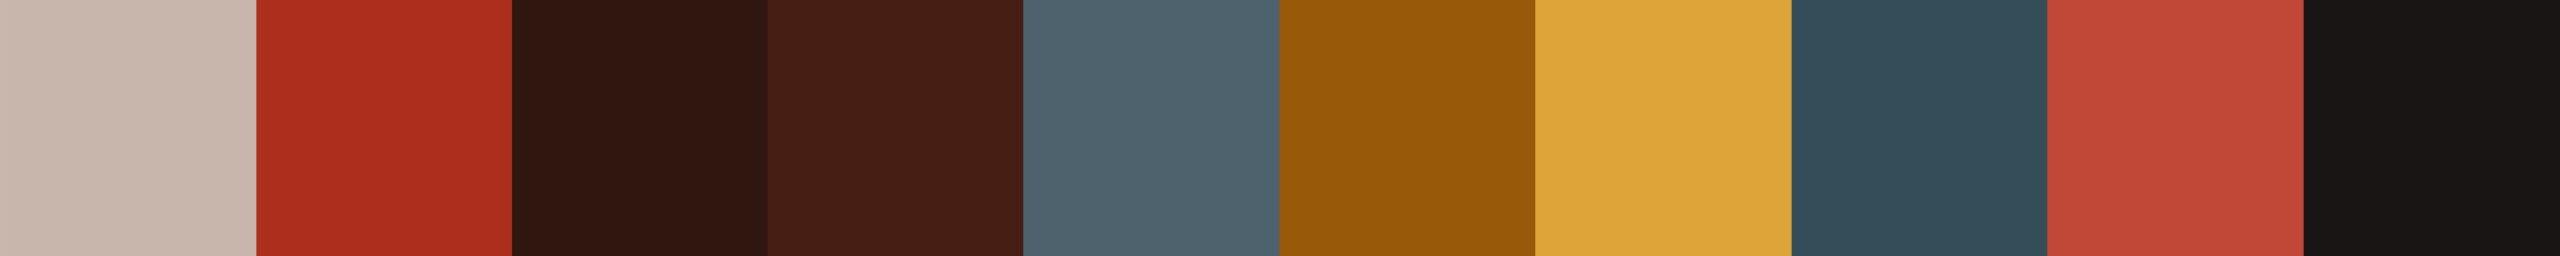 151 Qefera Color Palette